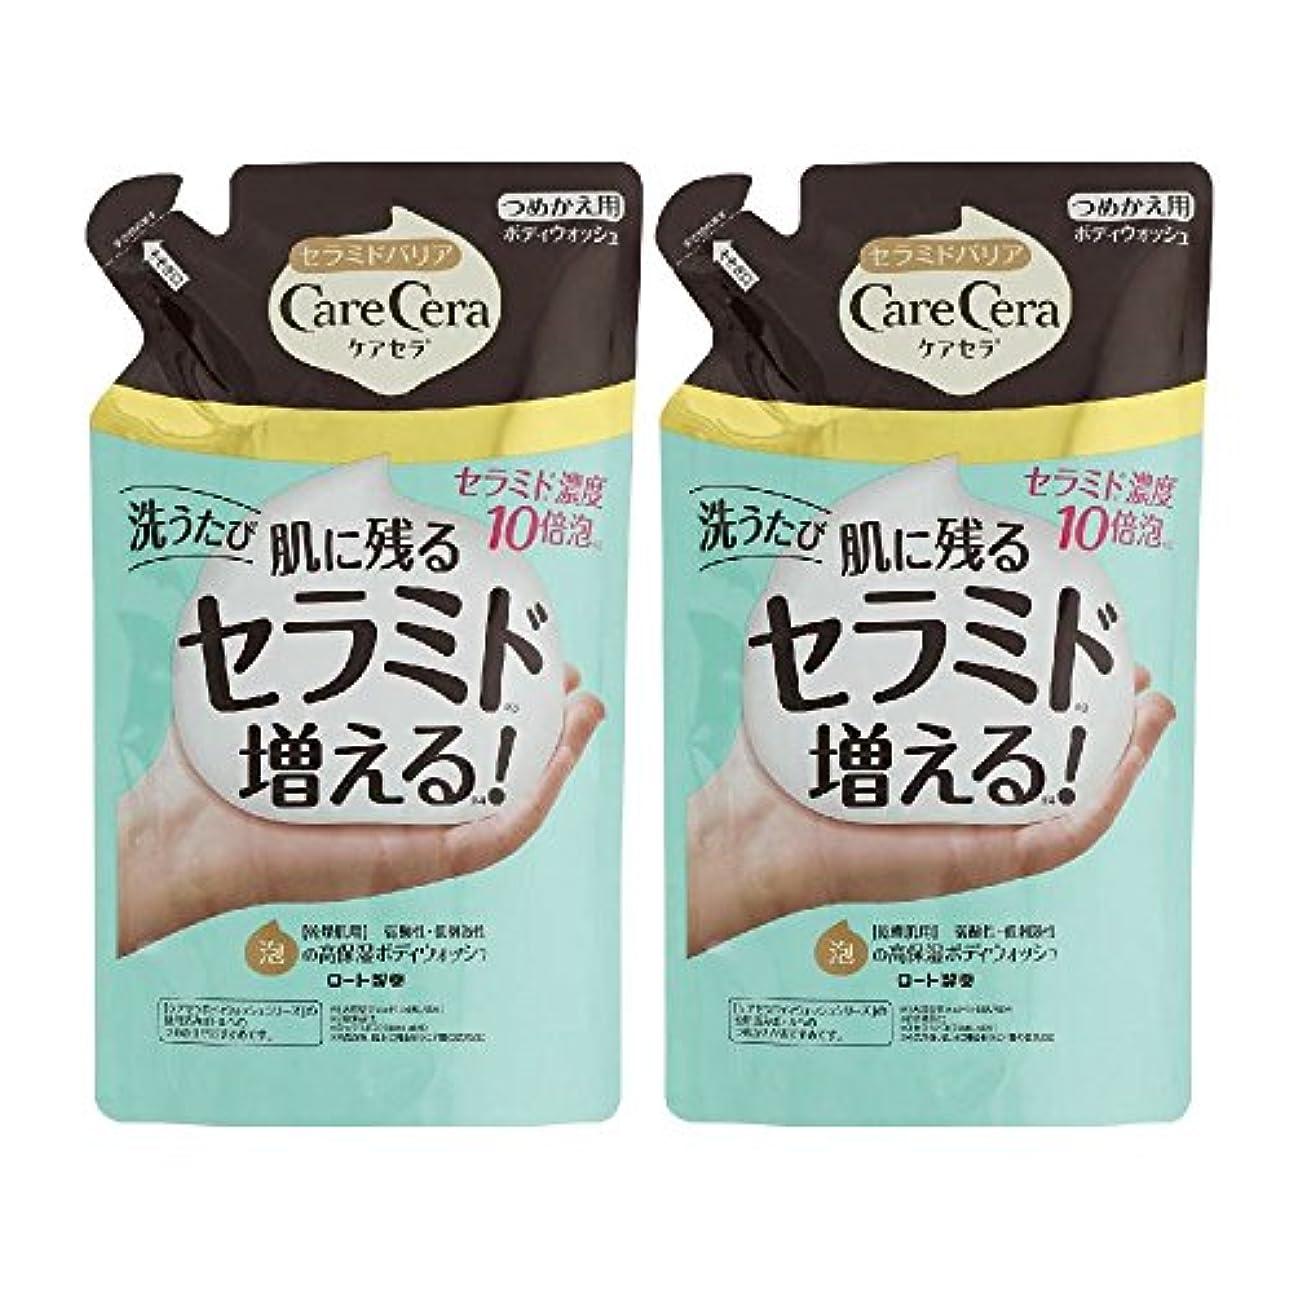 アドバイス生産的世界記録のギネスブックケアセラ (CareCera) 泡の高保湿 ボディウォッシュ ピュアフローラルの香り (つめかえ用) 350mL×2個 ※セバメドモイスチャーローション10mlサンプル付き